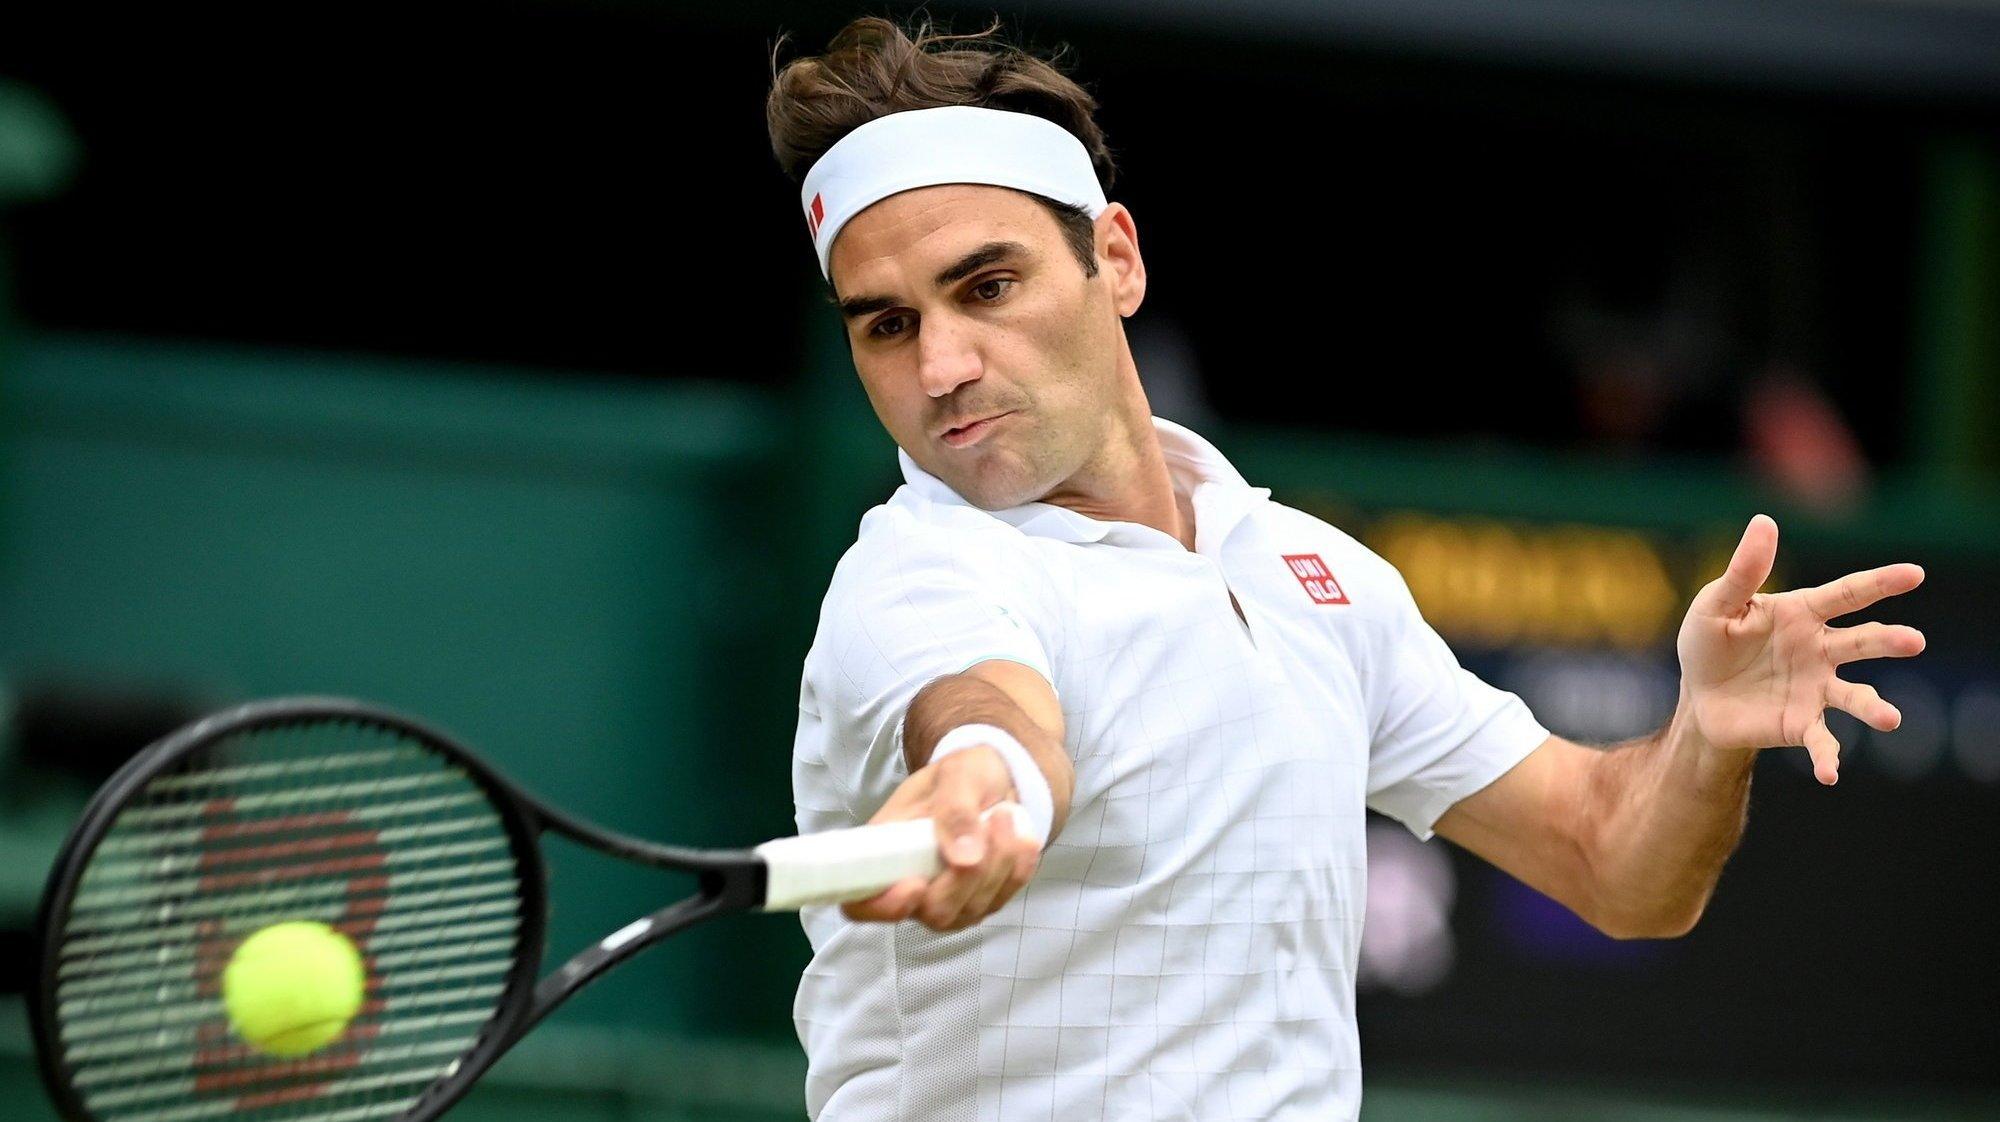 Tennis: Roger Federer, 40 ans dimanche, n'a pas encore évoqué sa retraite